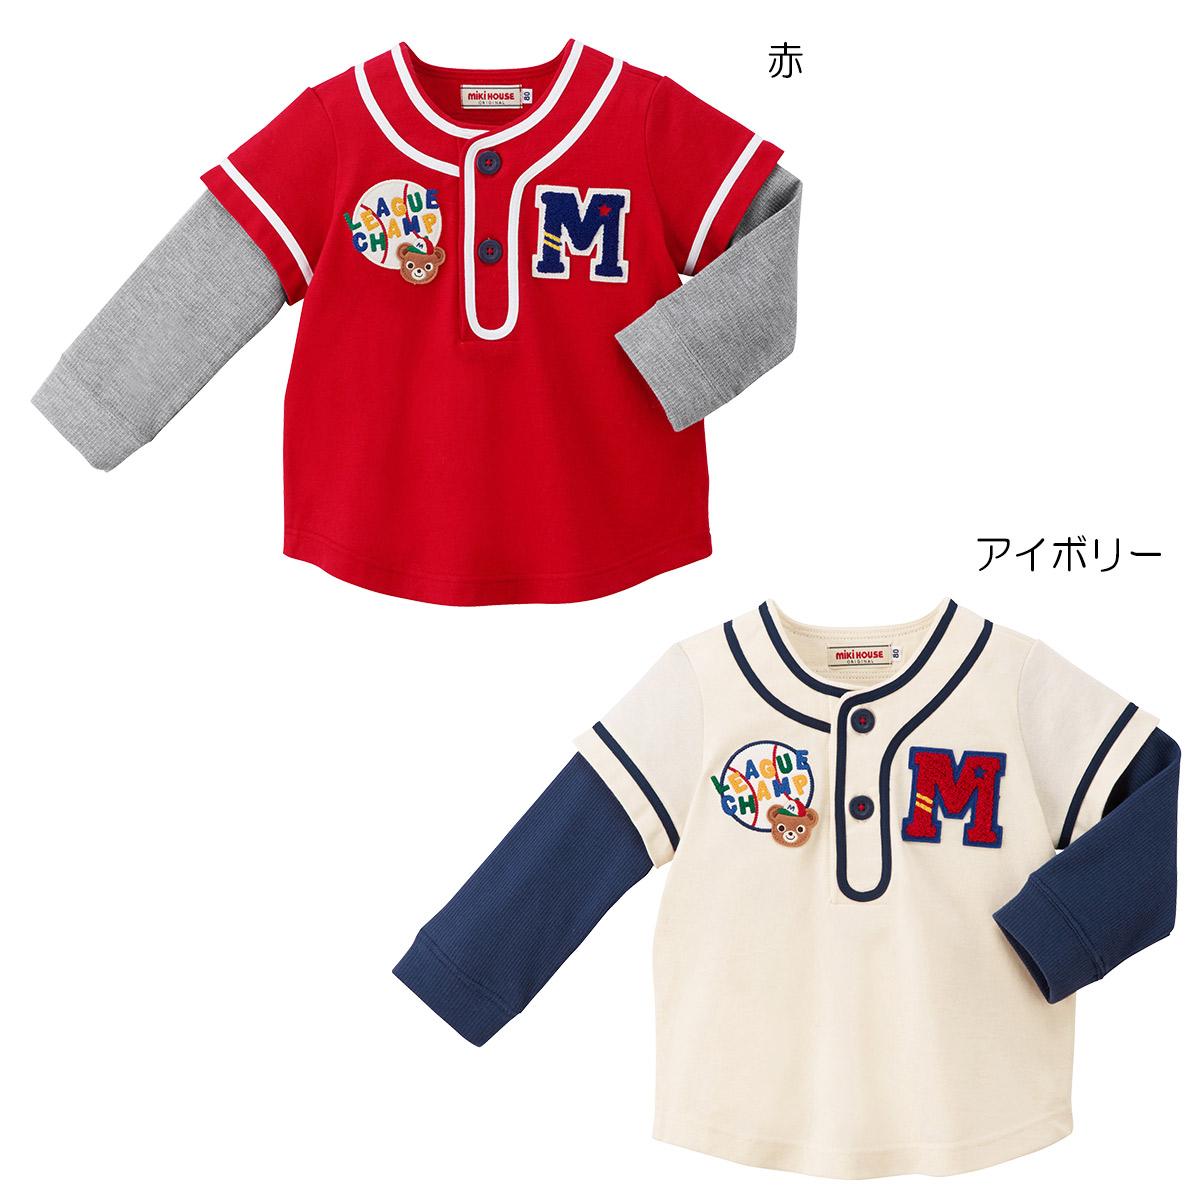 (ファイナルセール 30%OFF) ユニフォーム風長袖Tシャツ ミキハウス mikihouse 長袖(110-120cm)